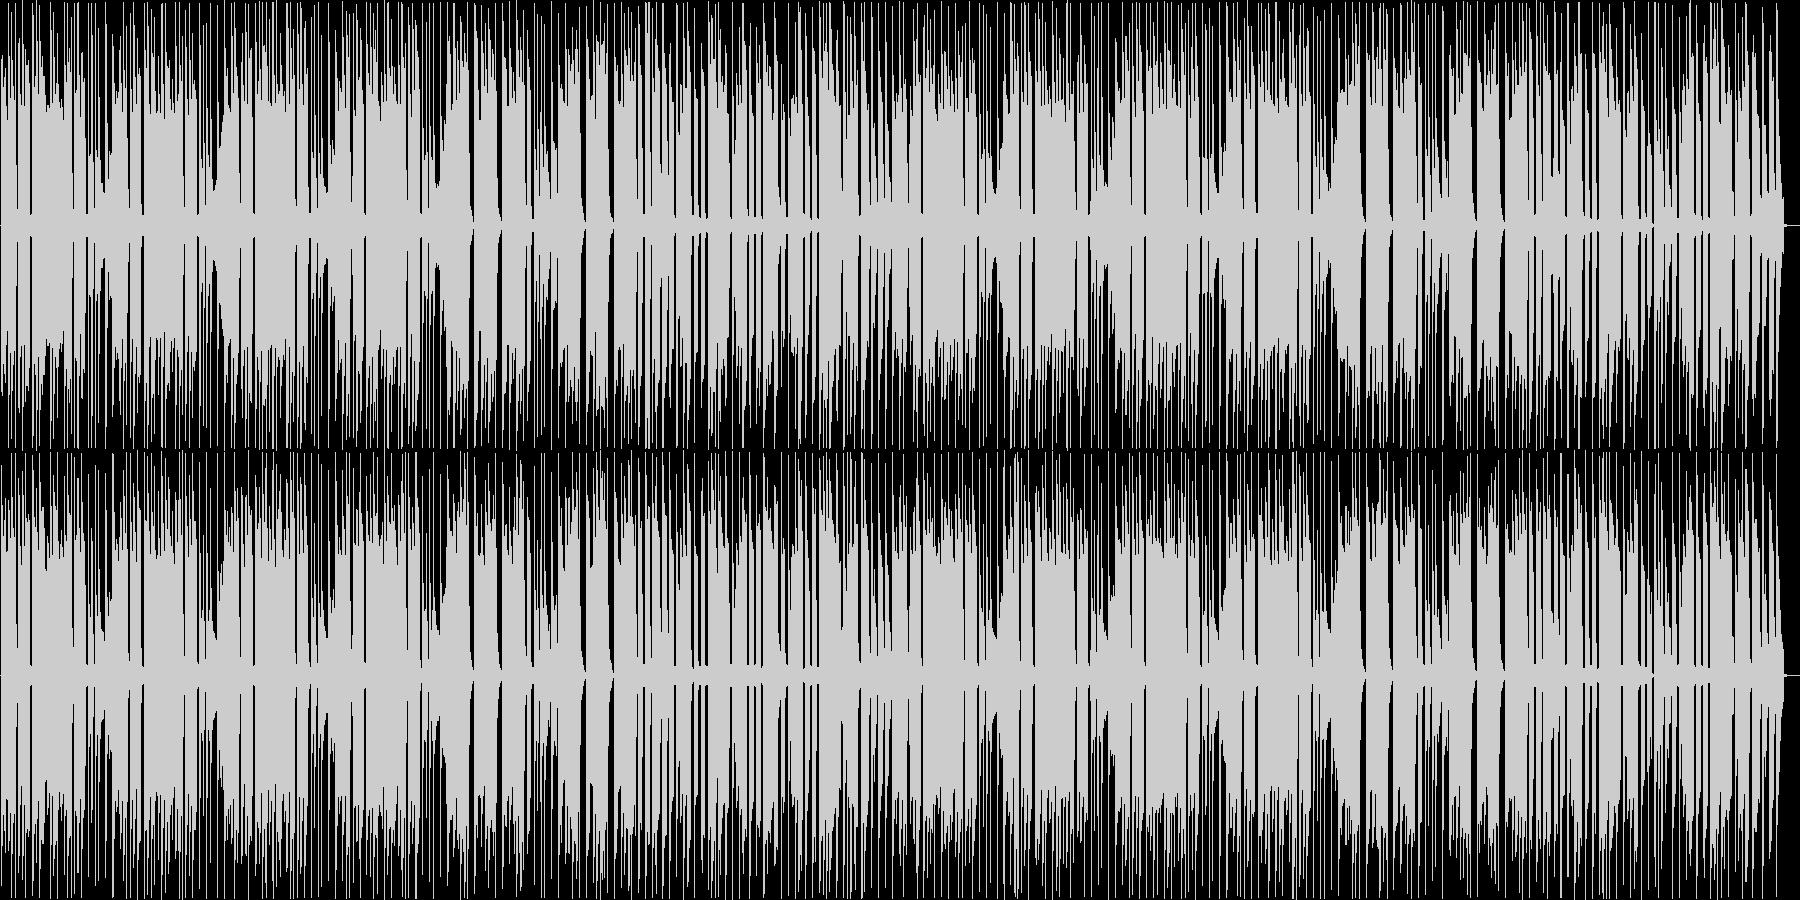 あたふたとしたBGMの未再生の波形